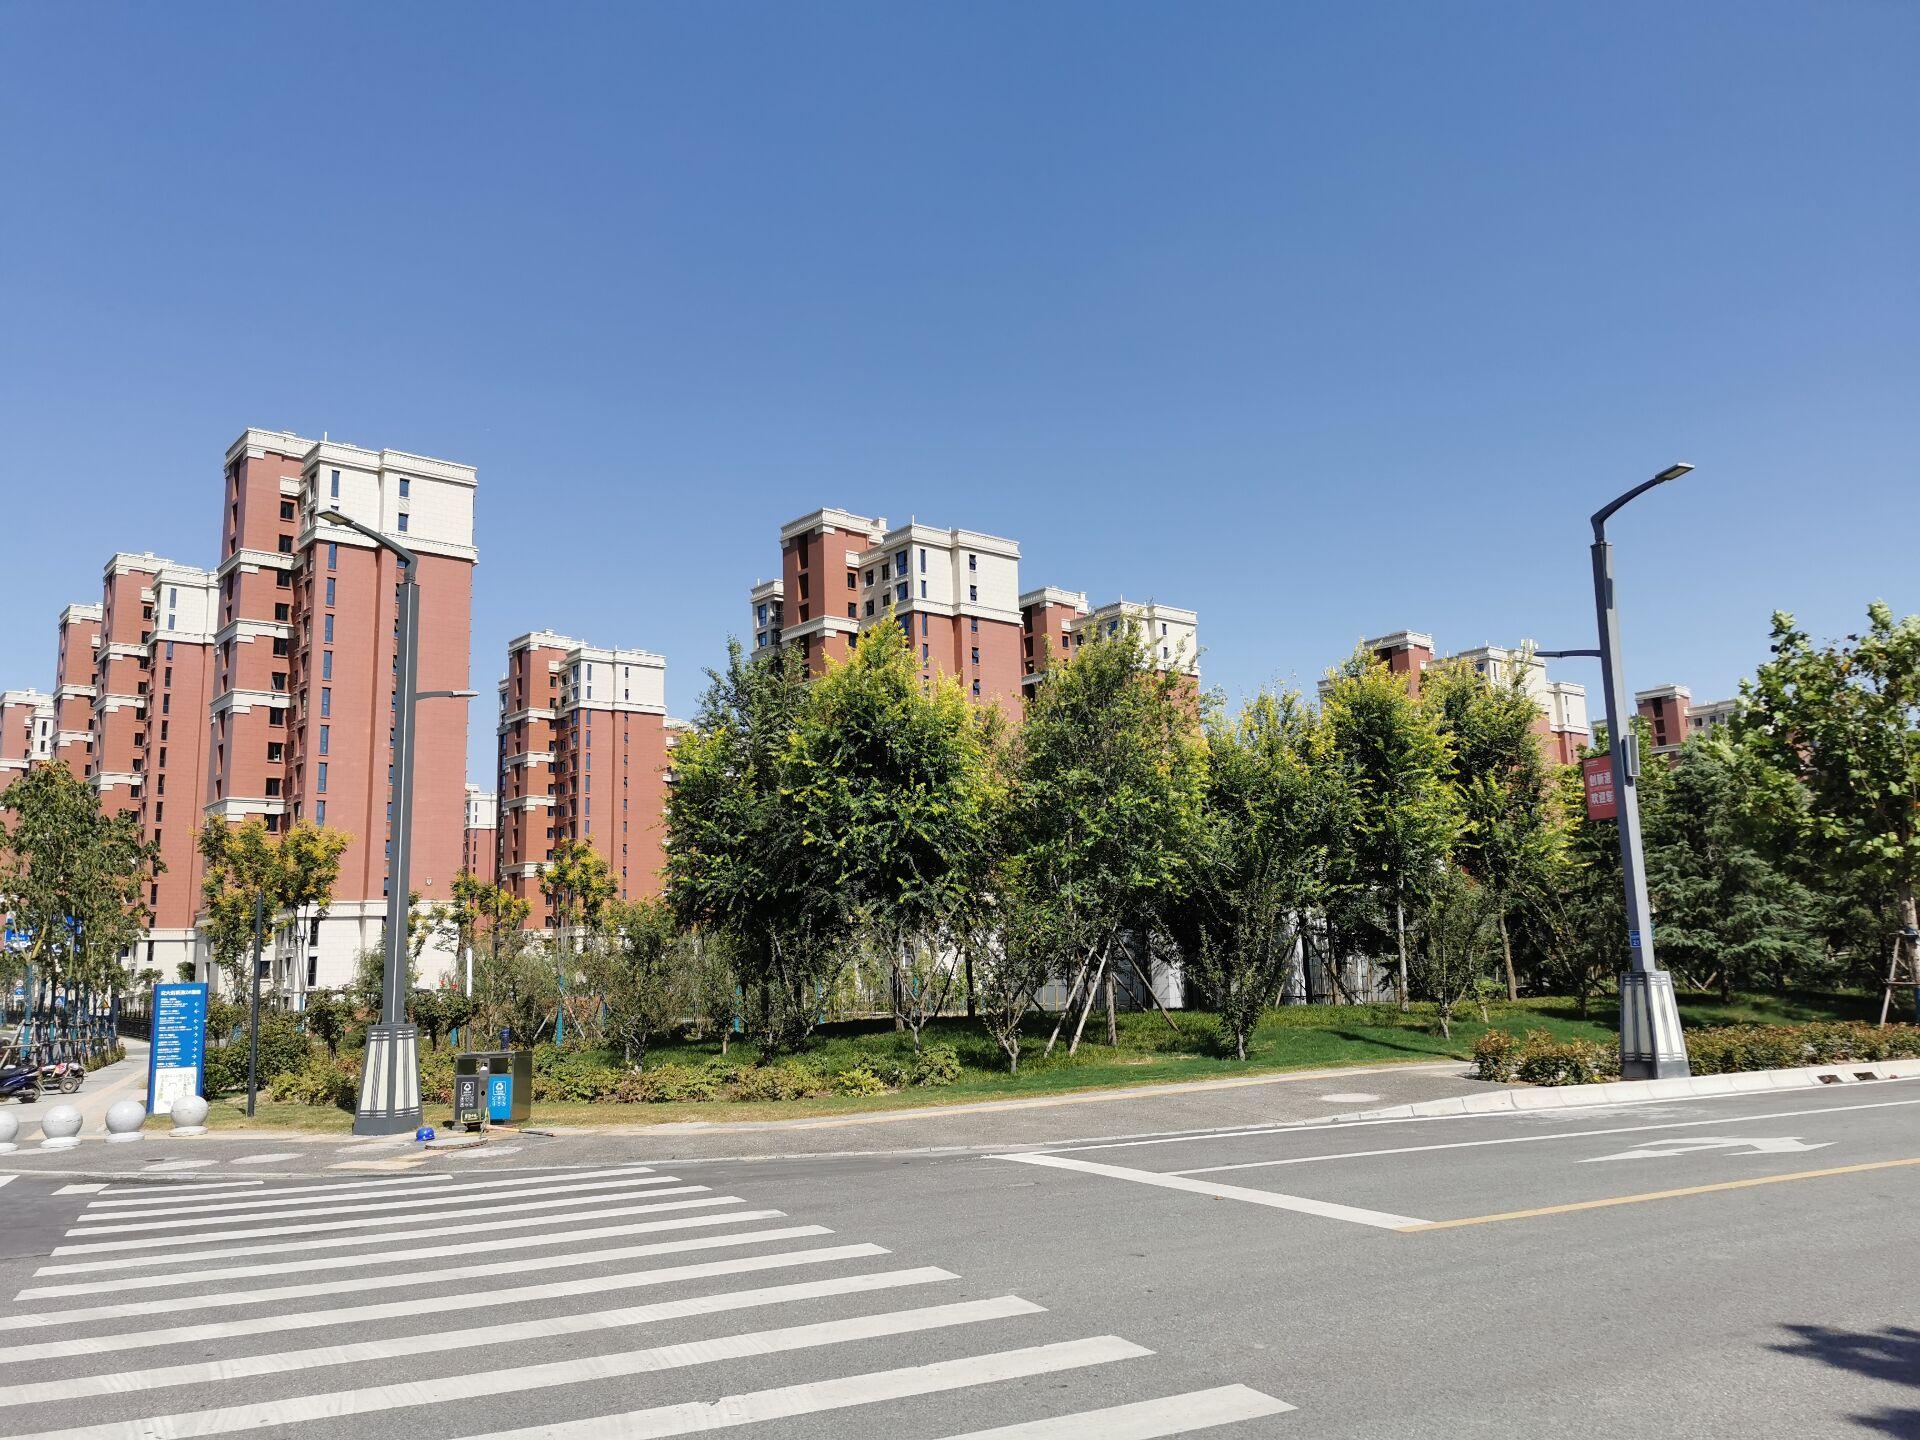 西安交通大学创新港校区一隅7.jpg